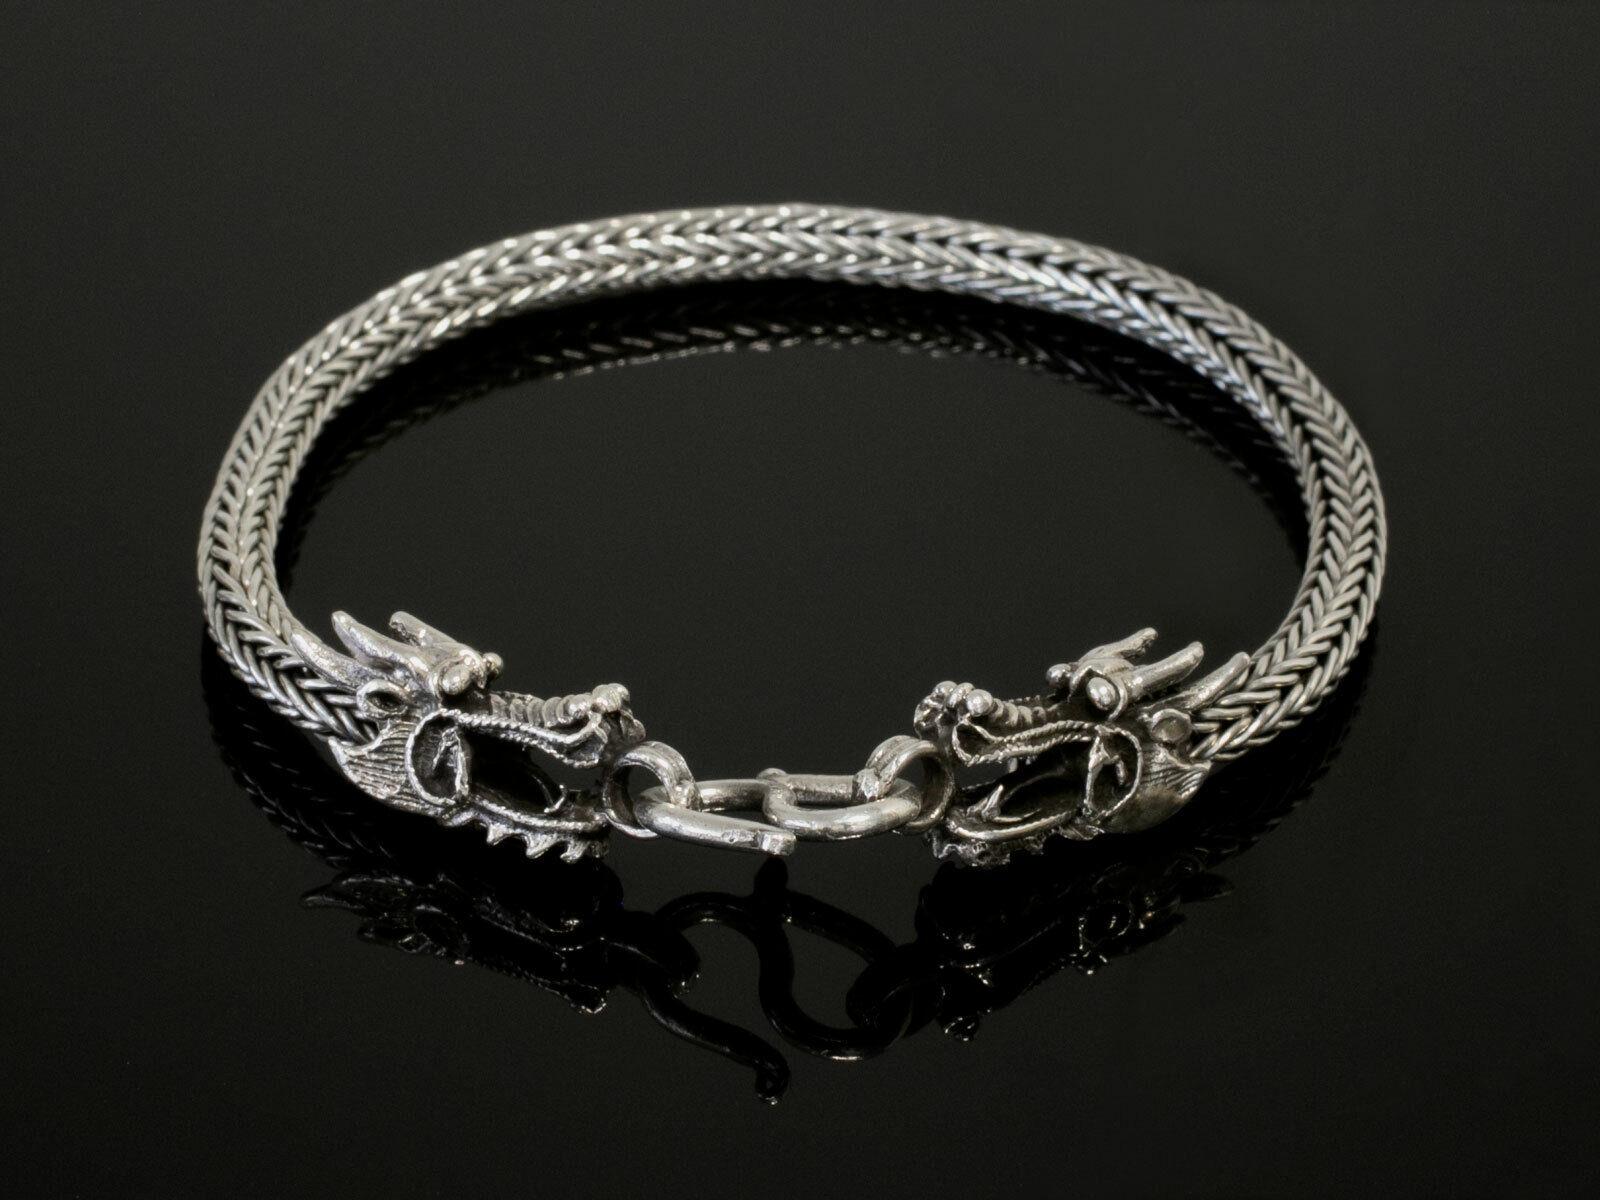 Drachen Armband 925 Silber Wikinger Herren Armreif Drachenkopf Armkette massiv